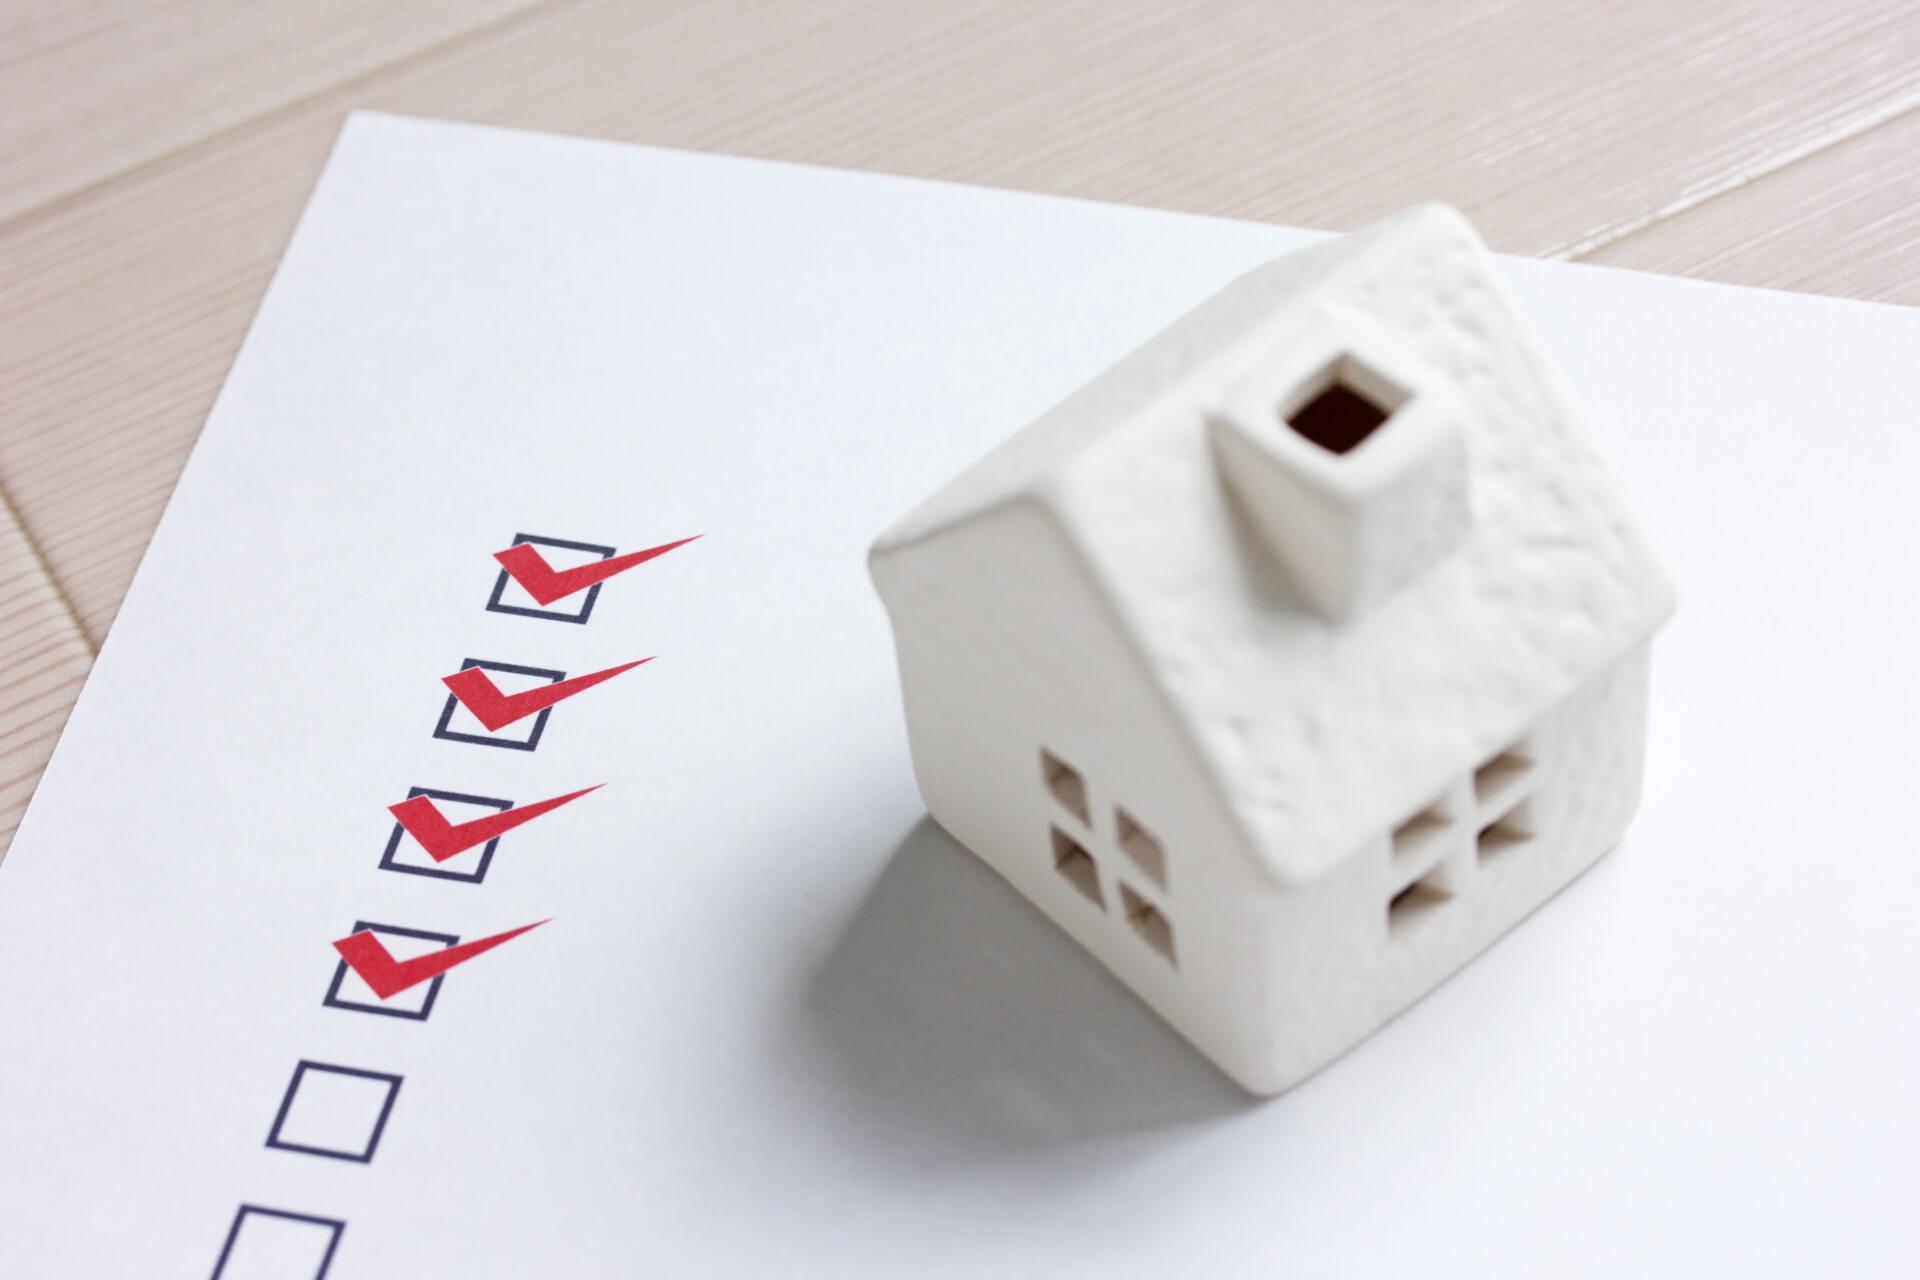 賃貸アパート建築でのおすすめメーカー9選